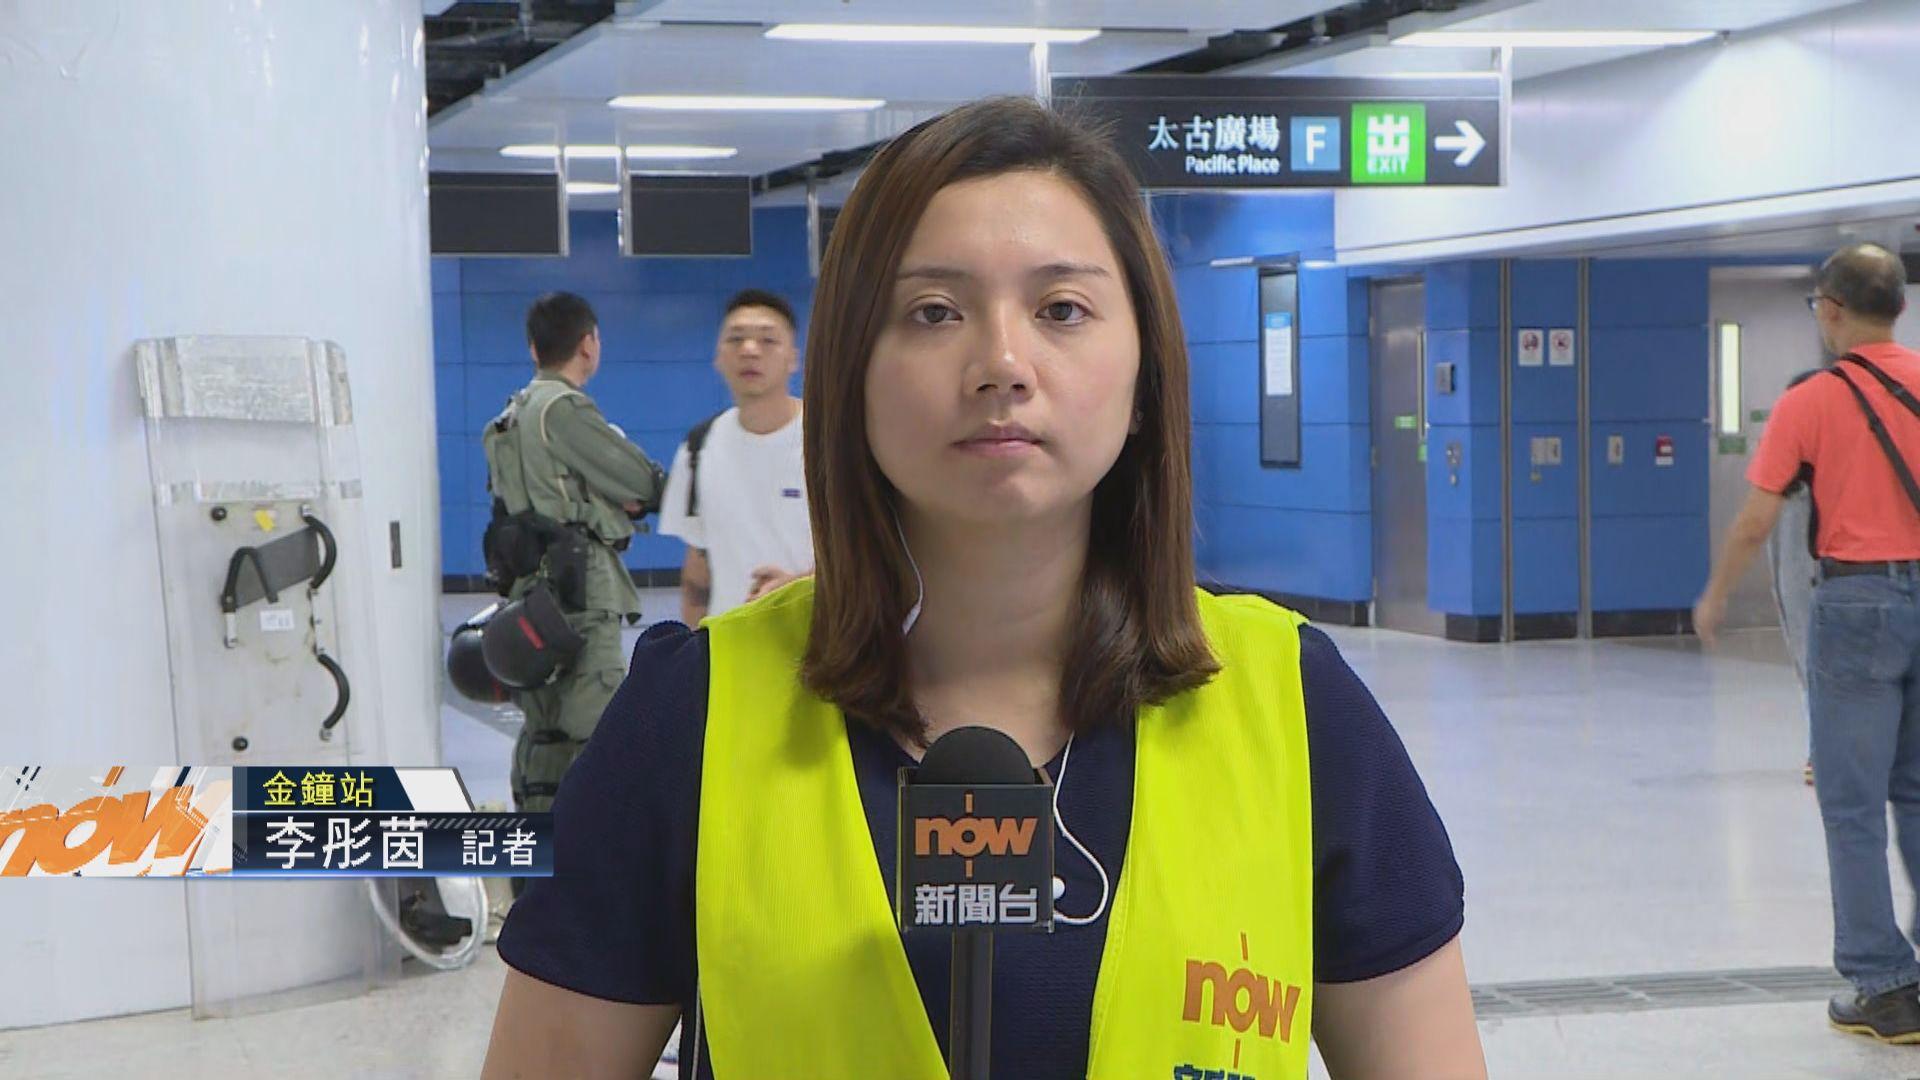 【現場報道】金鐘站內有防暴警員戒備